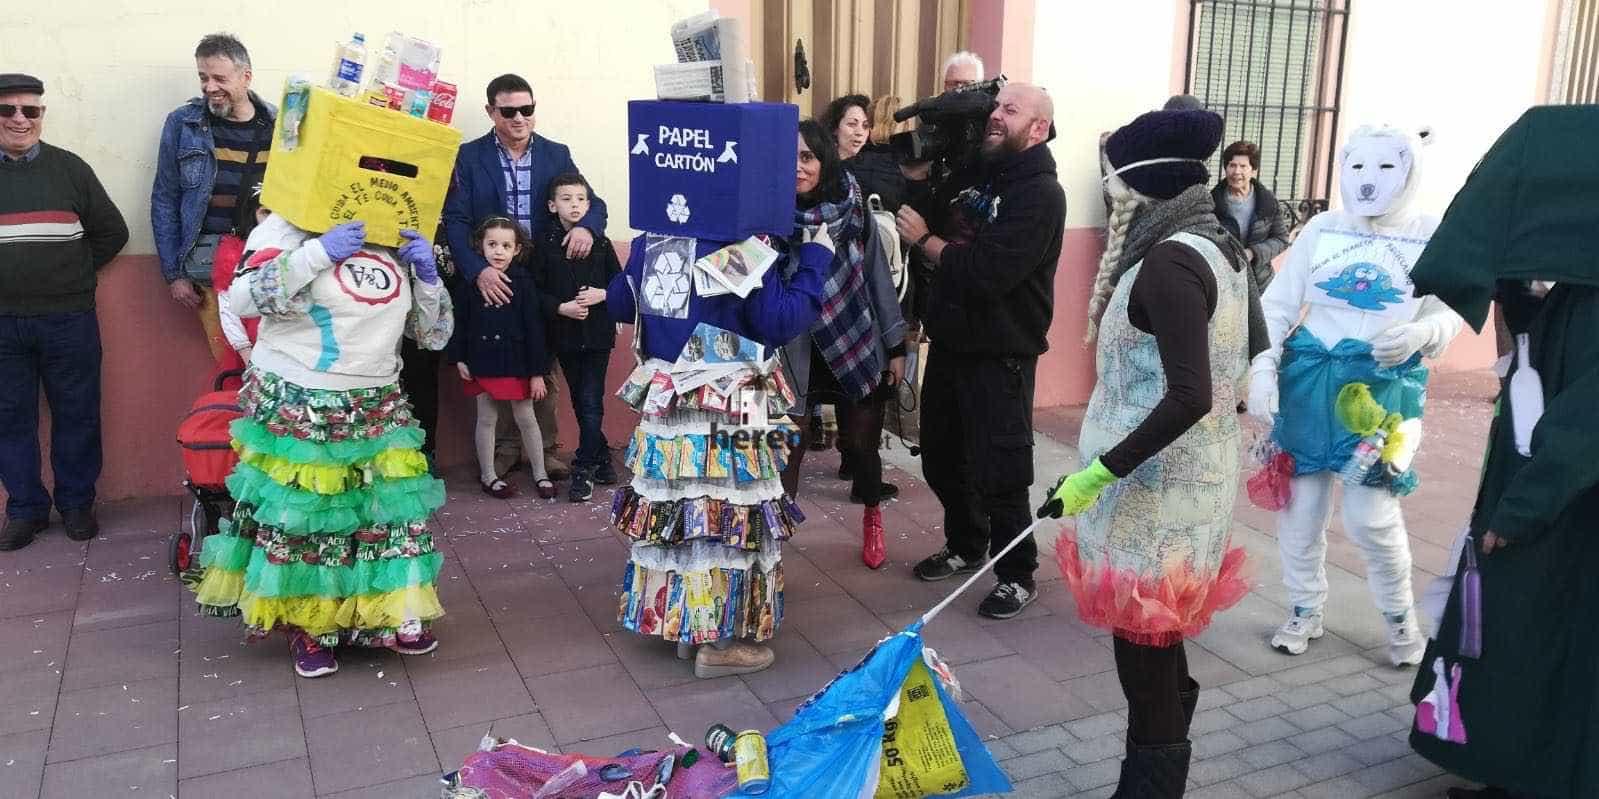 Carnaval herencia 2020 pasacalles domingo deseosas 10 - El Domingo de las Deseosas invita a todo el mundo al Carnaval de Herencia